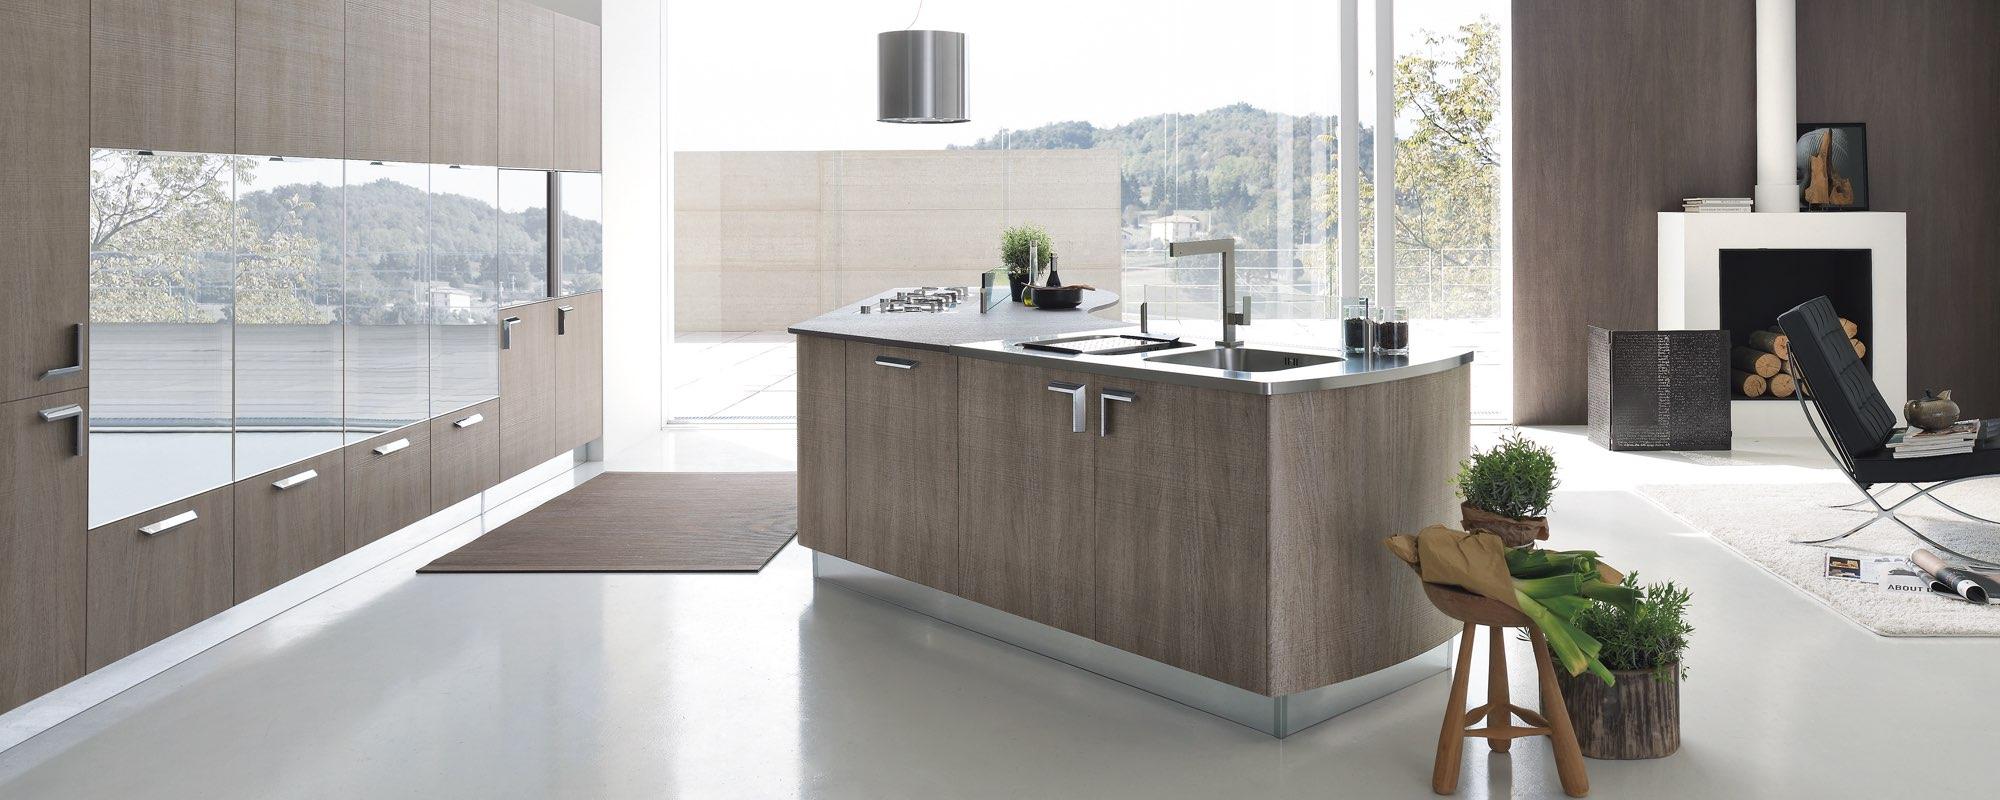 cucina moderna componibili con elementi curvi e dinamici - MILLY